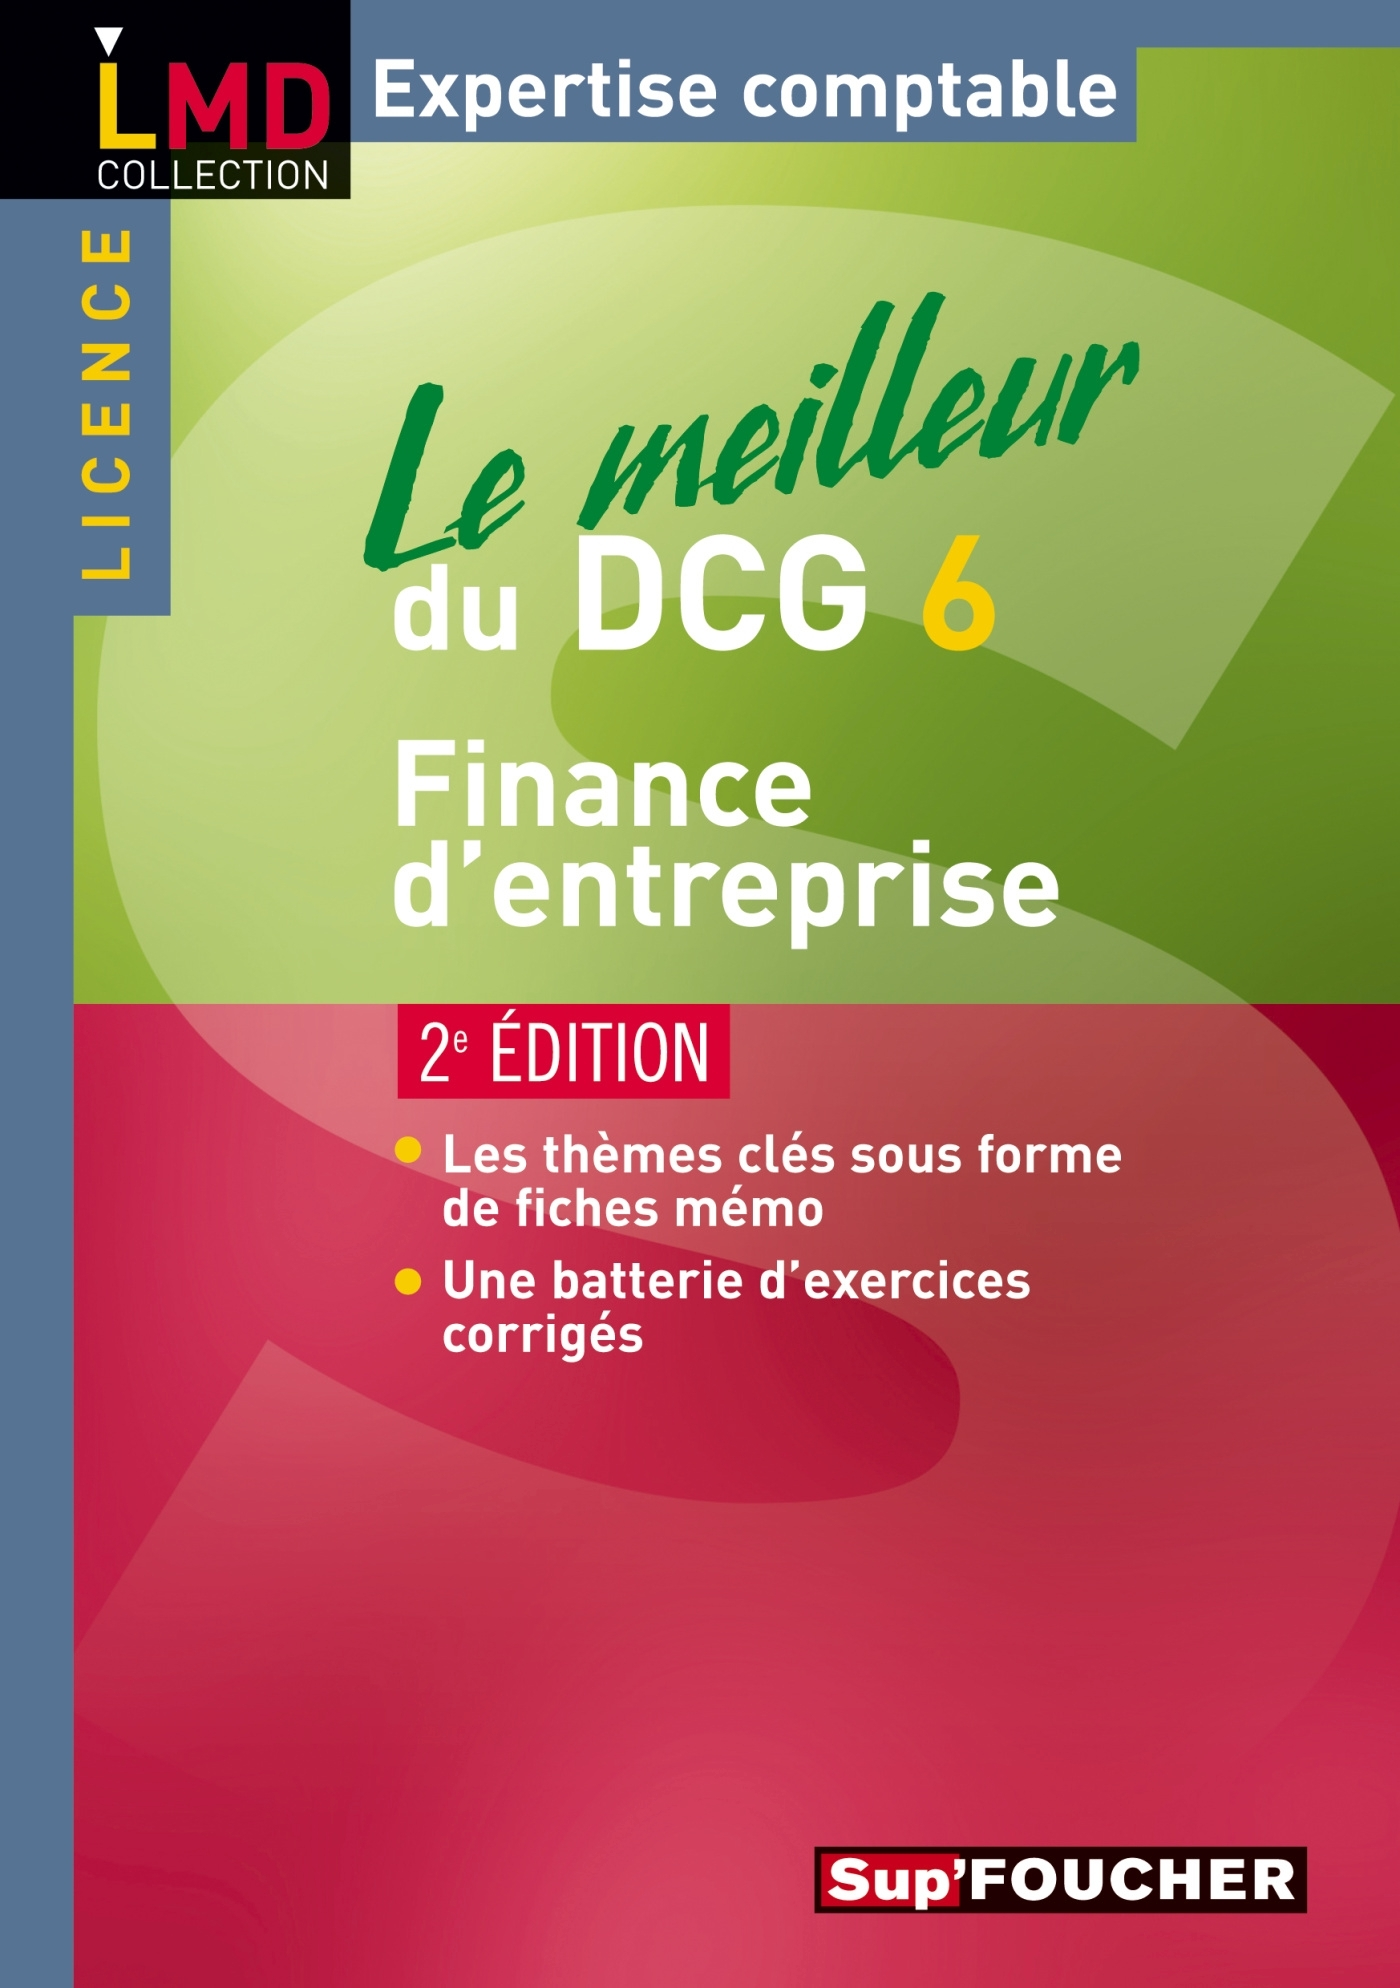 LE MEILLEUR DU DCG 6 FINANCE D'ENTREPRISE 2E EDITION